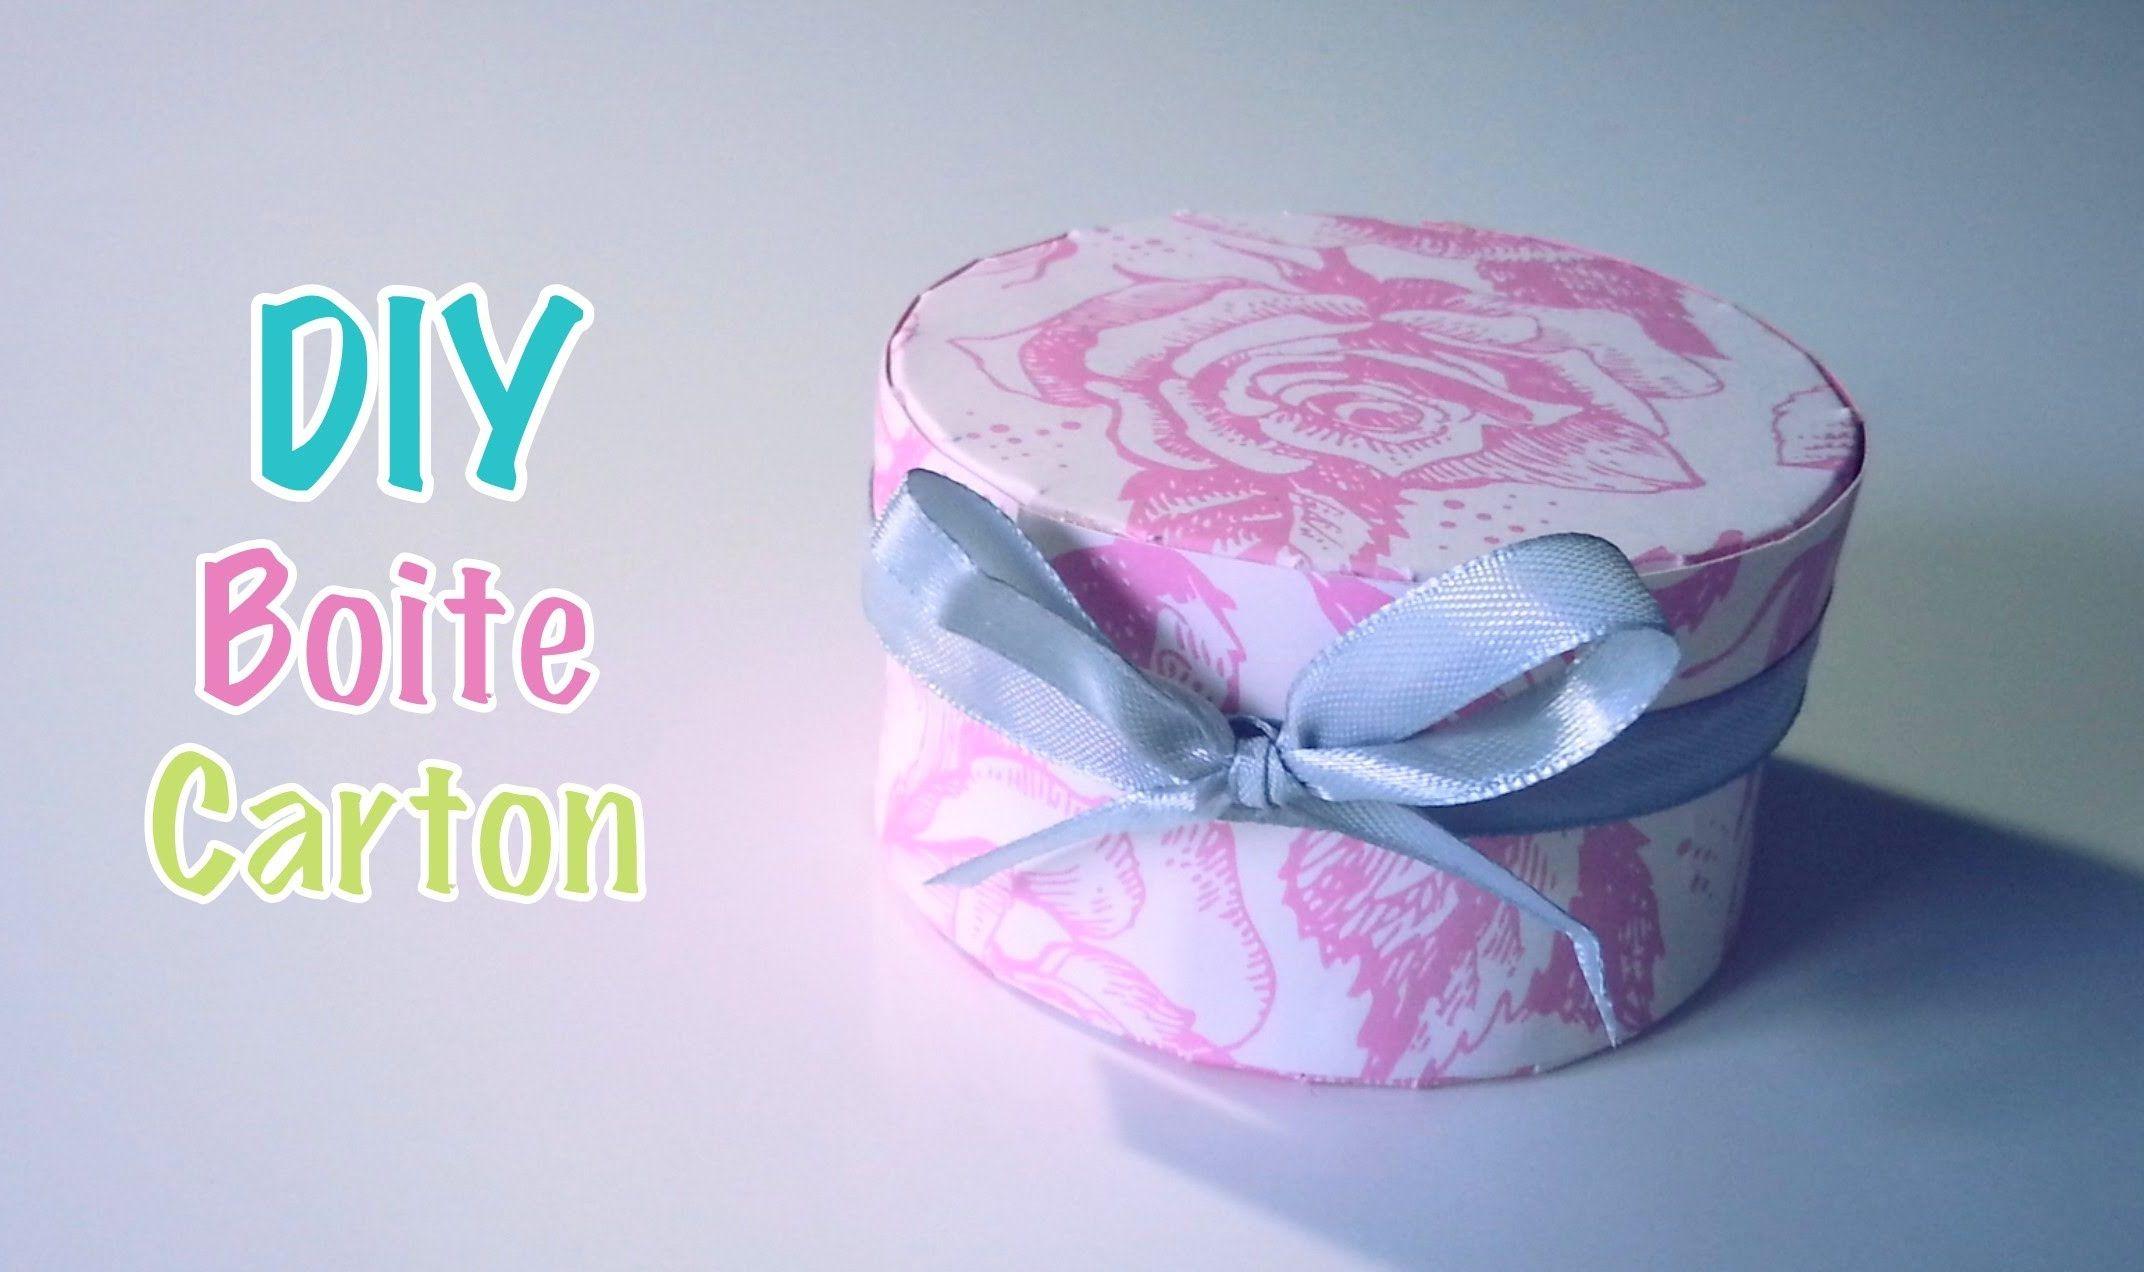 Diy Boite En Carton Et Papier Cadeau Bijoux Dragees Boite En Carton Papier Cadeau Cadeaux Bijoux